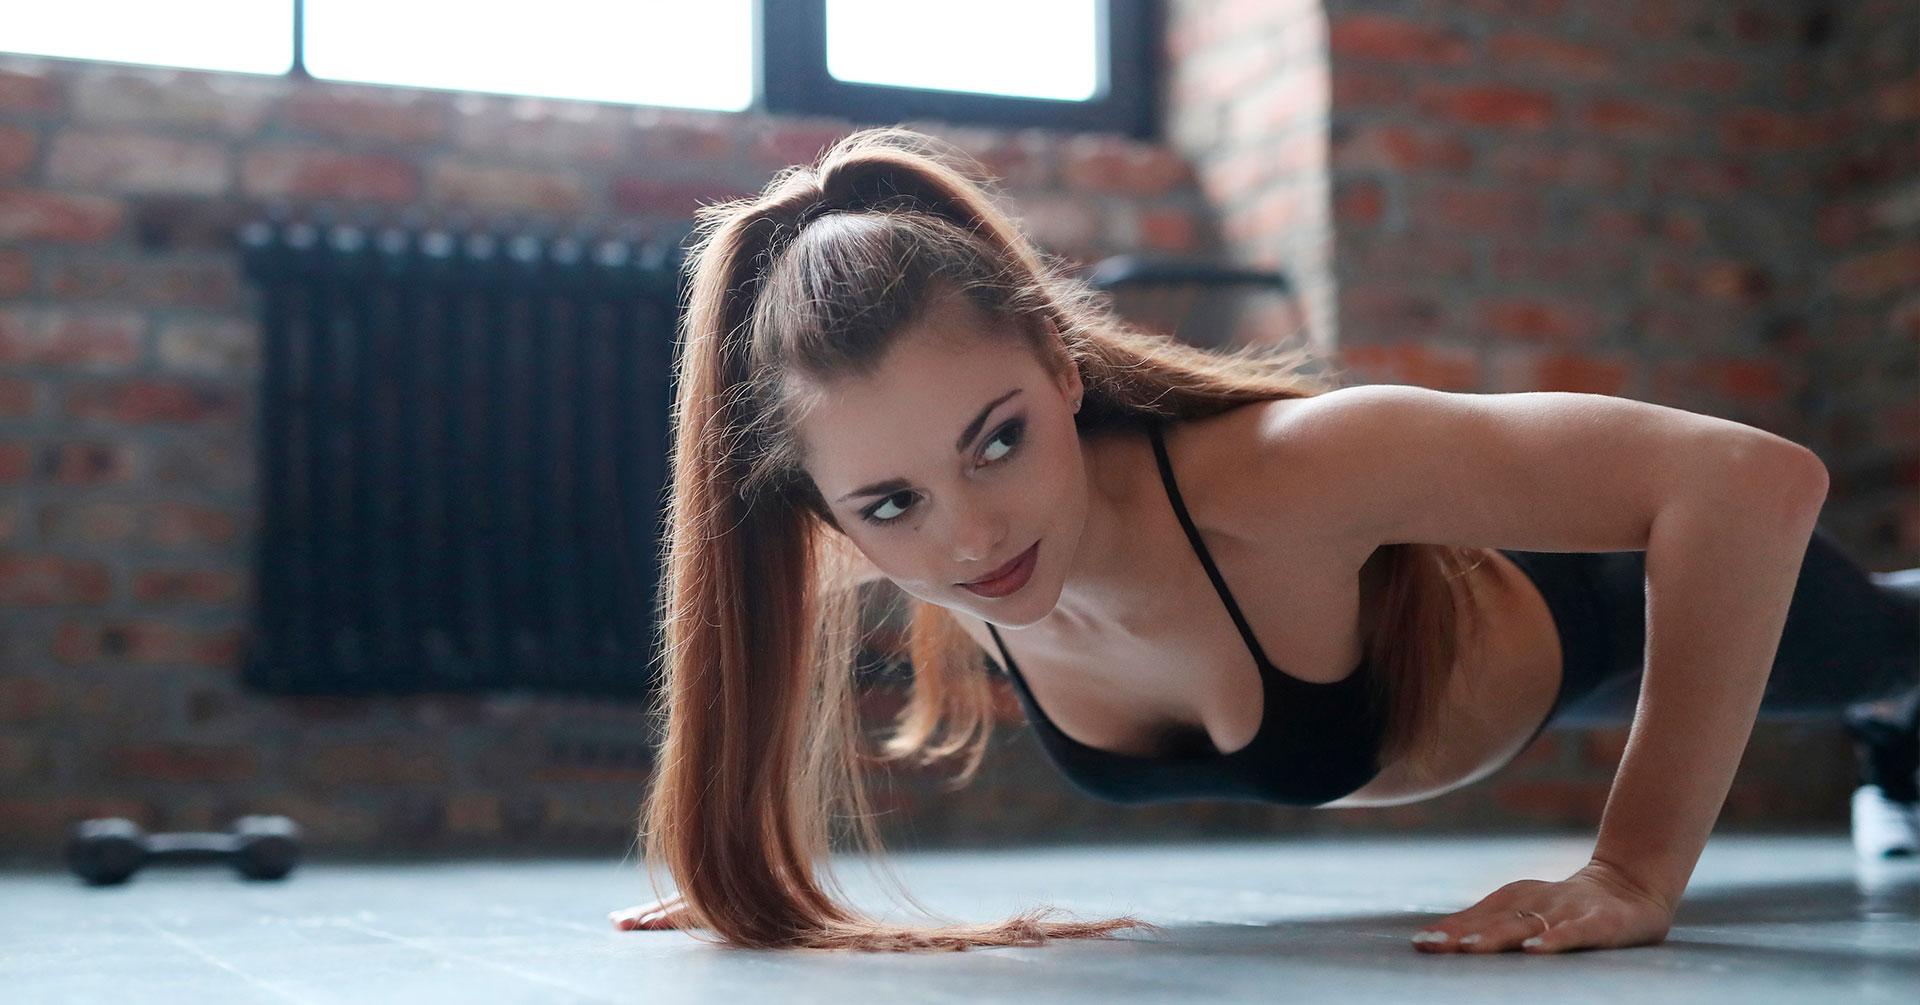 Conoce 5 ejercicios para pecho que puedes hacer en casa